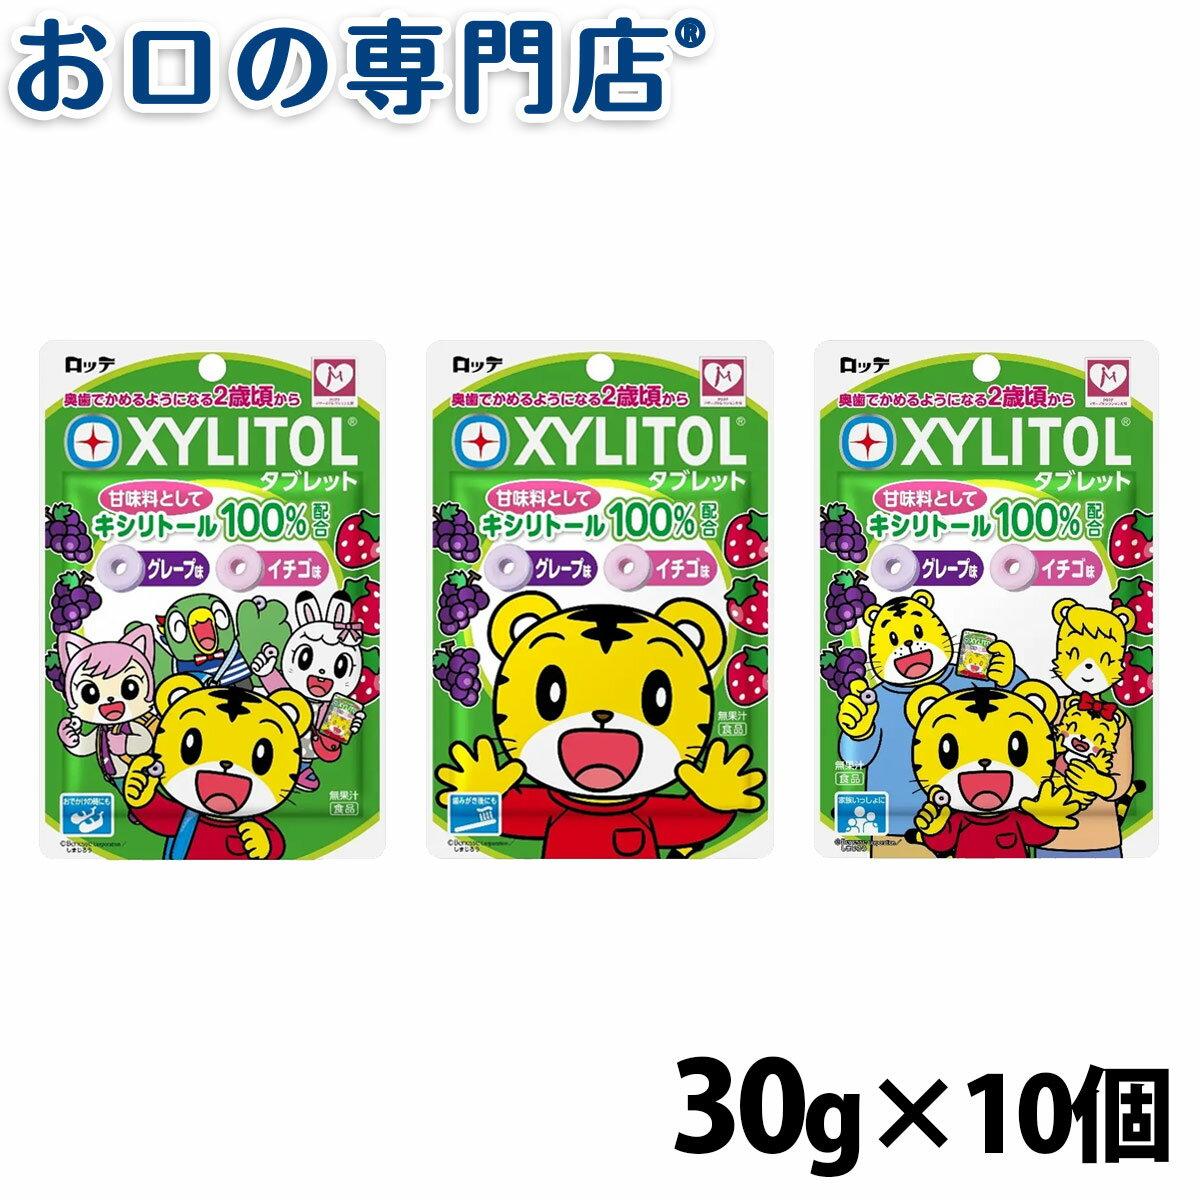 オーラルケア しまじろう キシリトールタブレット(グレープ・イチゴ)30g ×10袋【送料無料・メール便でお届け】